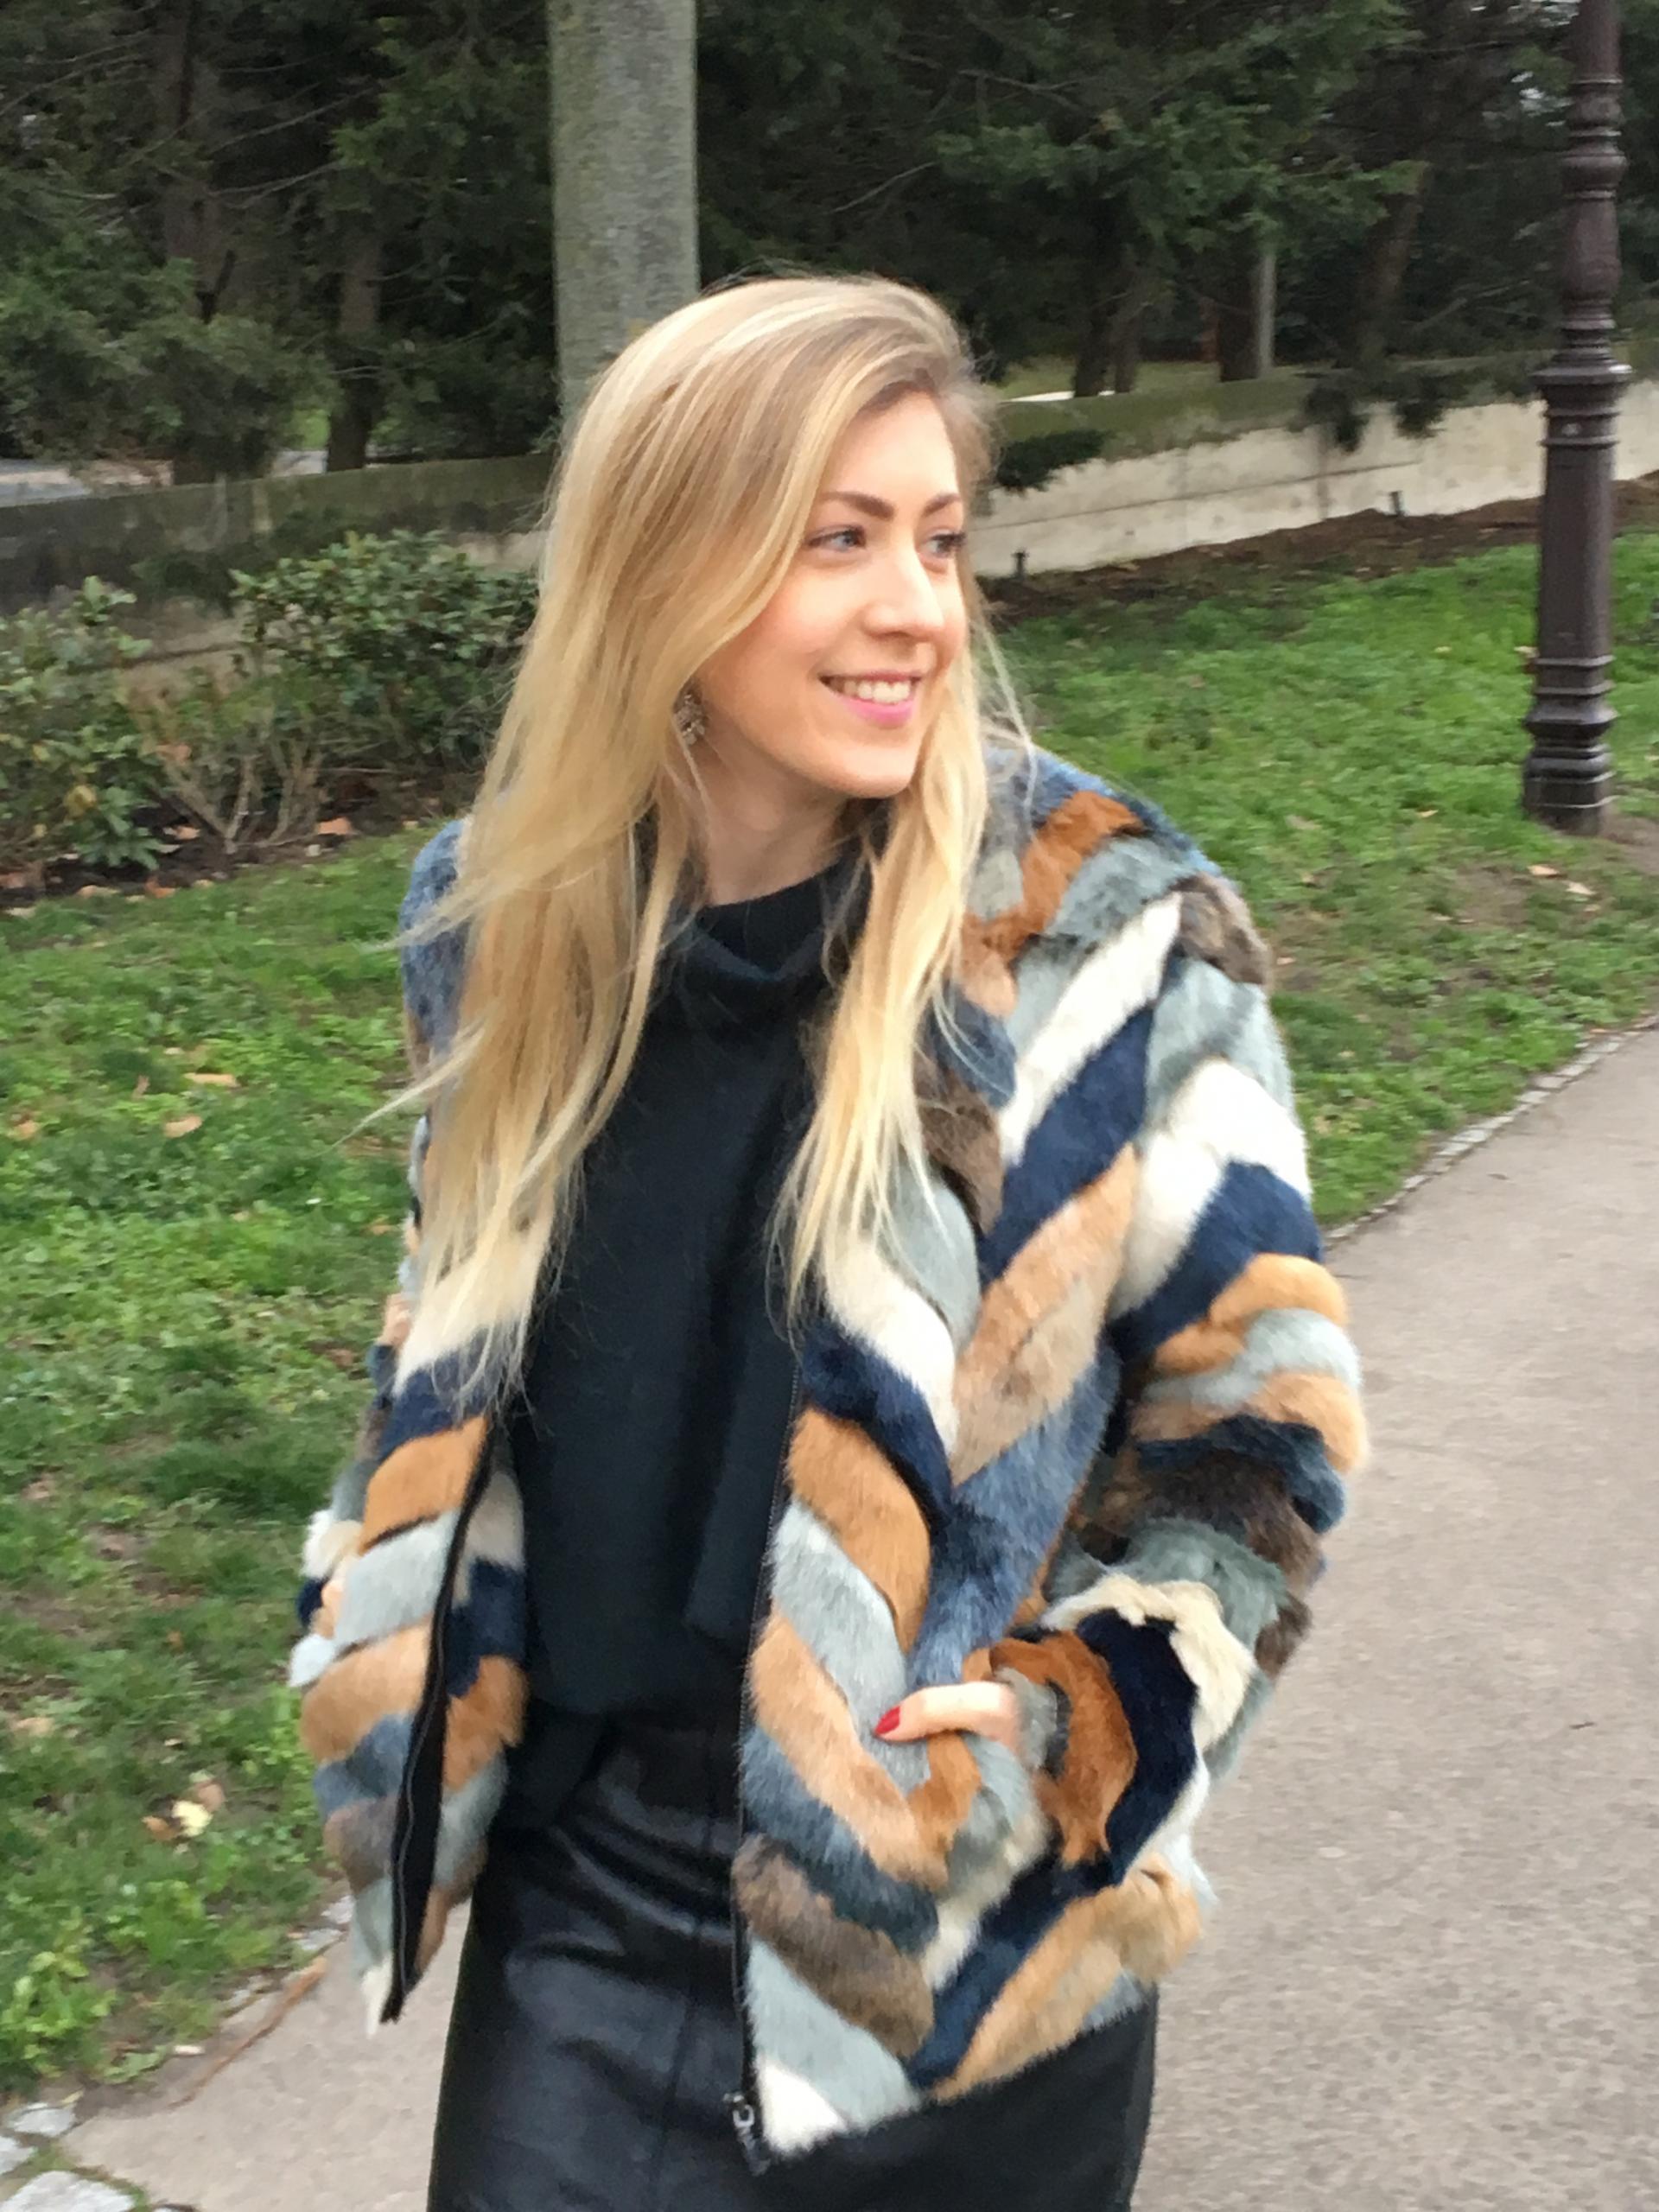 Mon beau manteau en fausse fourrure _ image 3